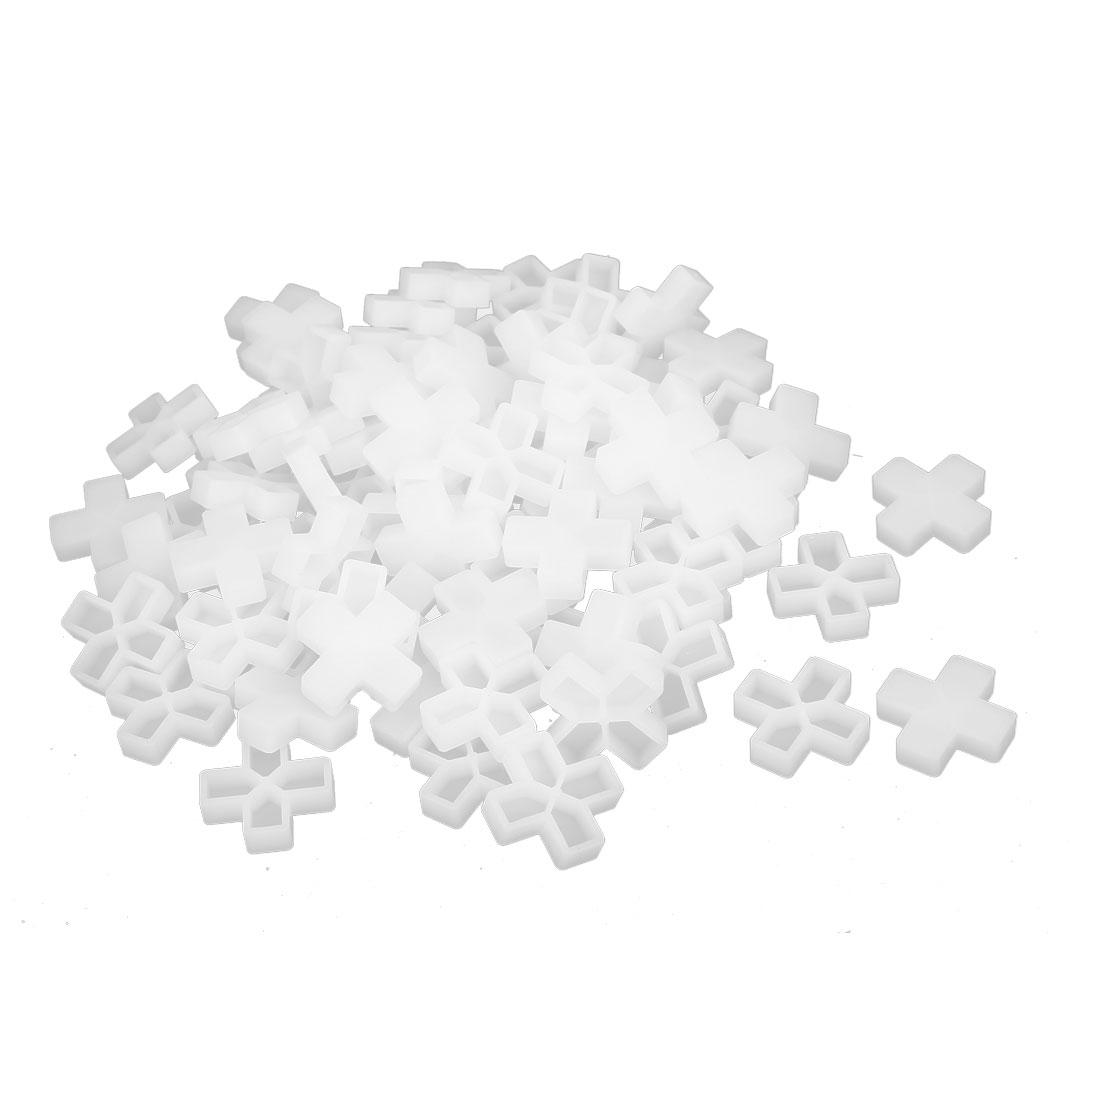 Wall Floor Ceramic Tile Plastic Cross Spacer 10mm White 100pcs